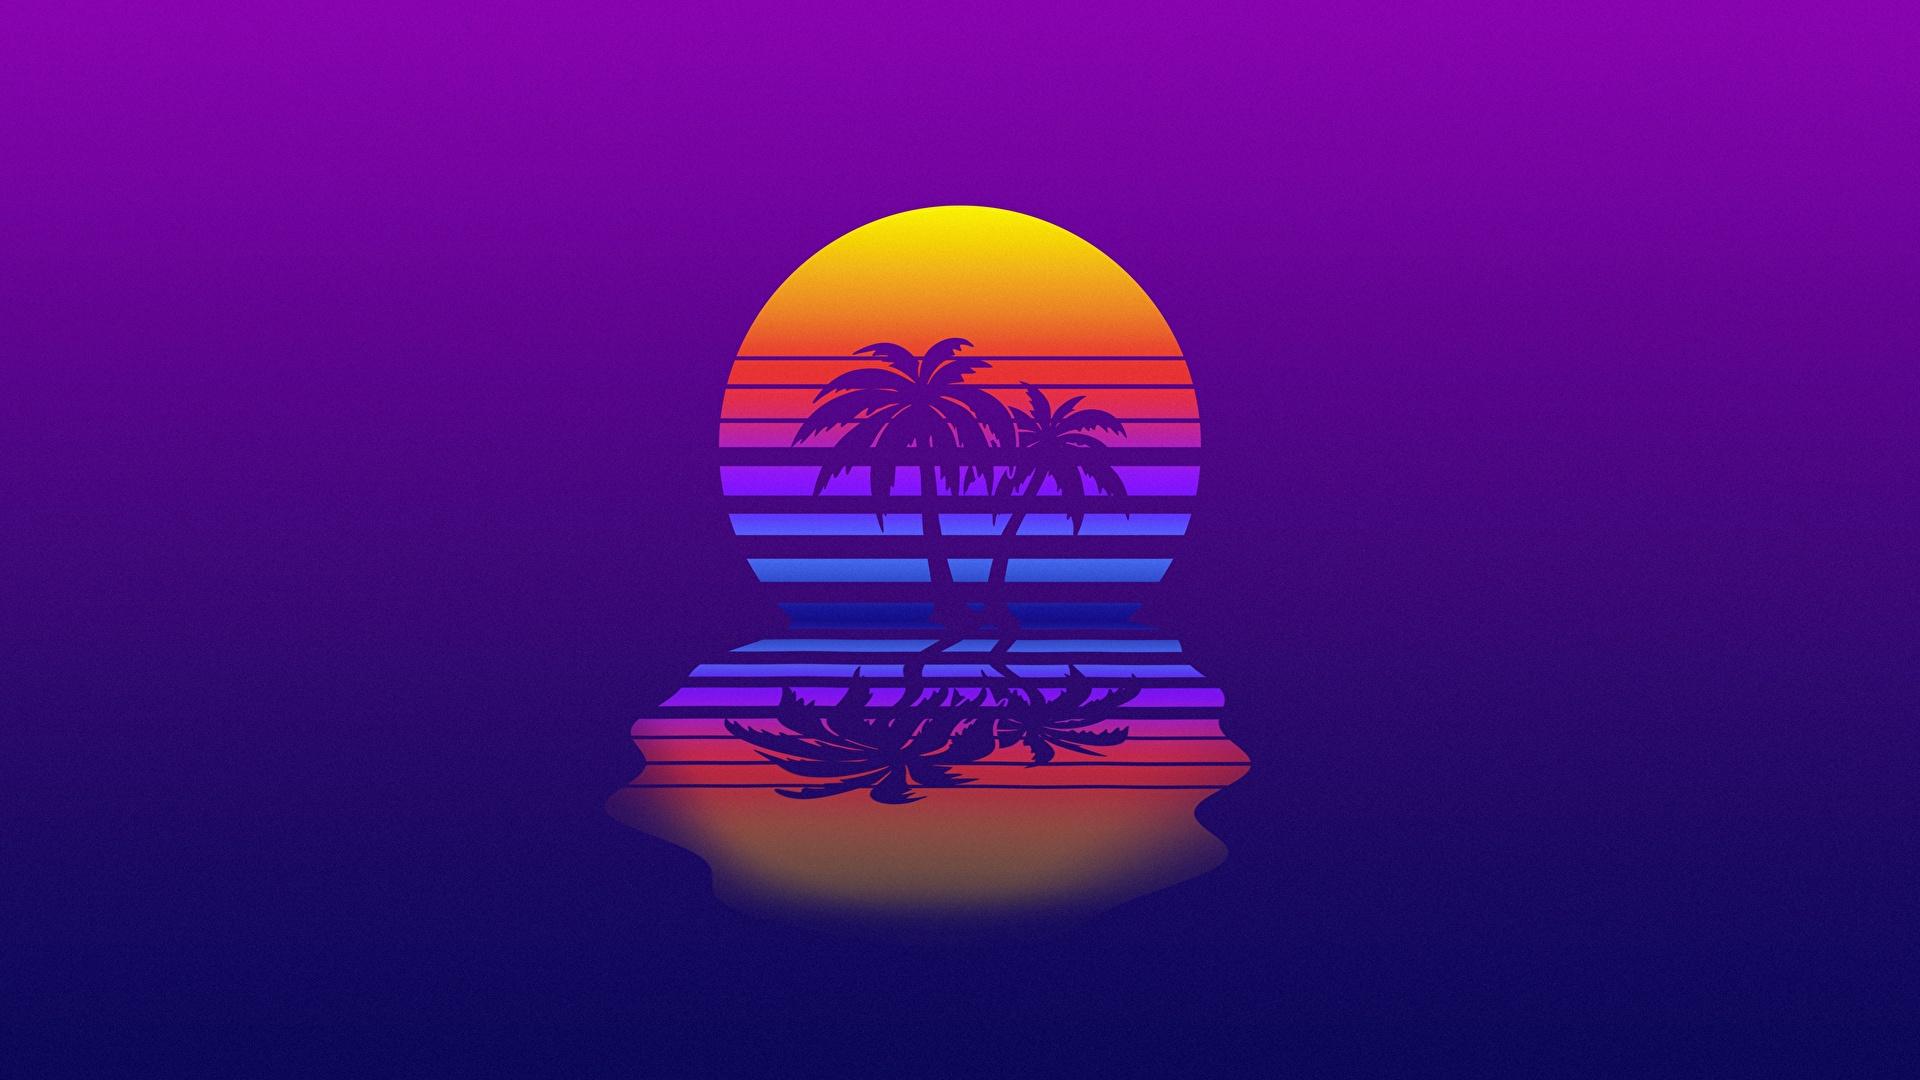 Картинка Ретровейв солнца Природа пальм Отражение 1920x1080 Синтвейв Солнце пальма Пальмы отражении отражается